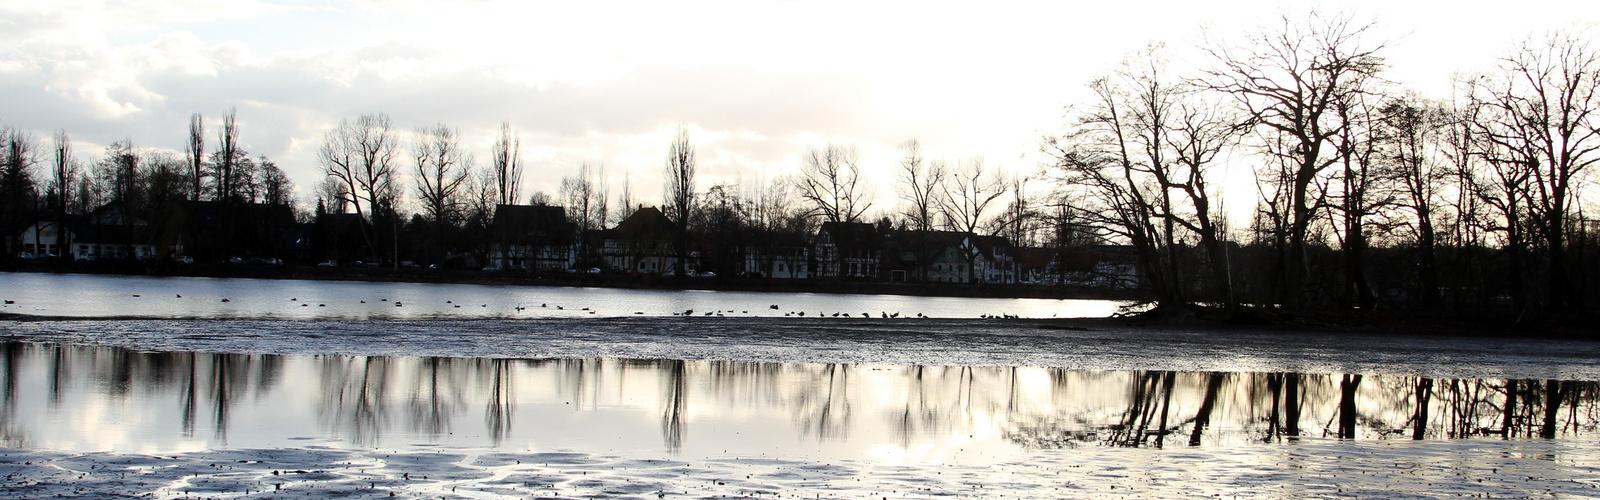 Gespiegelte winterliche Landschaft